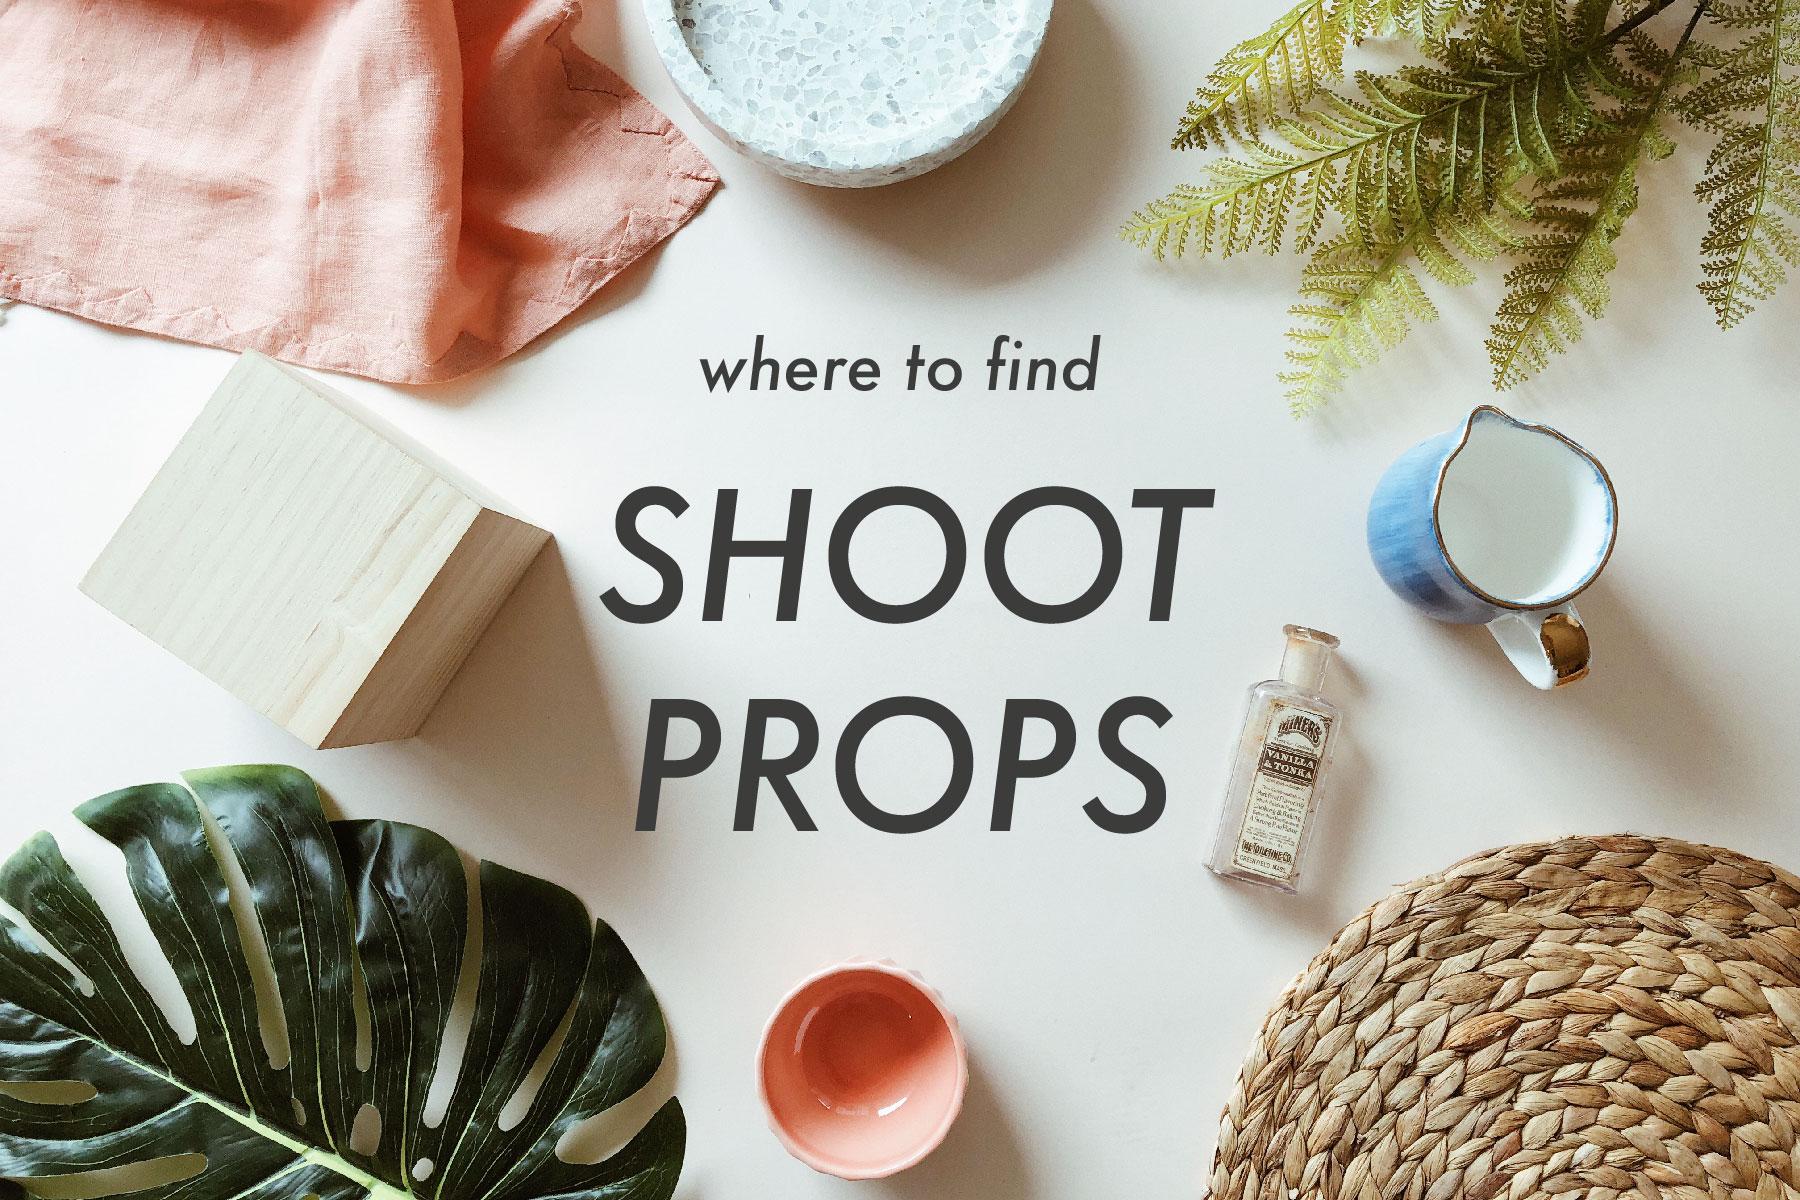 shootprops-01.jpg